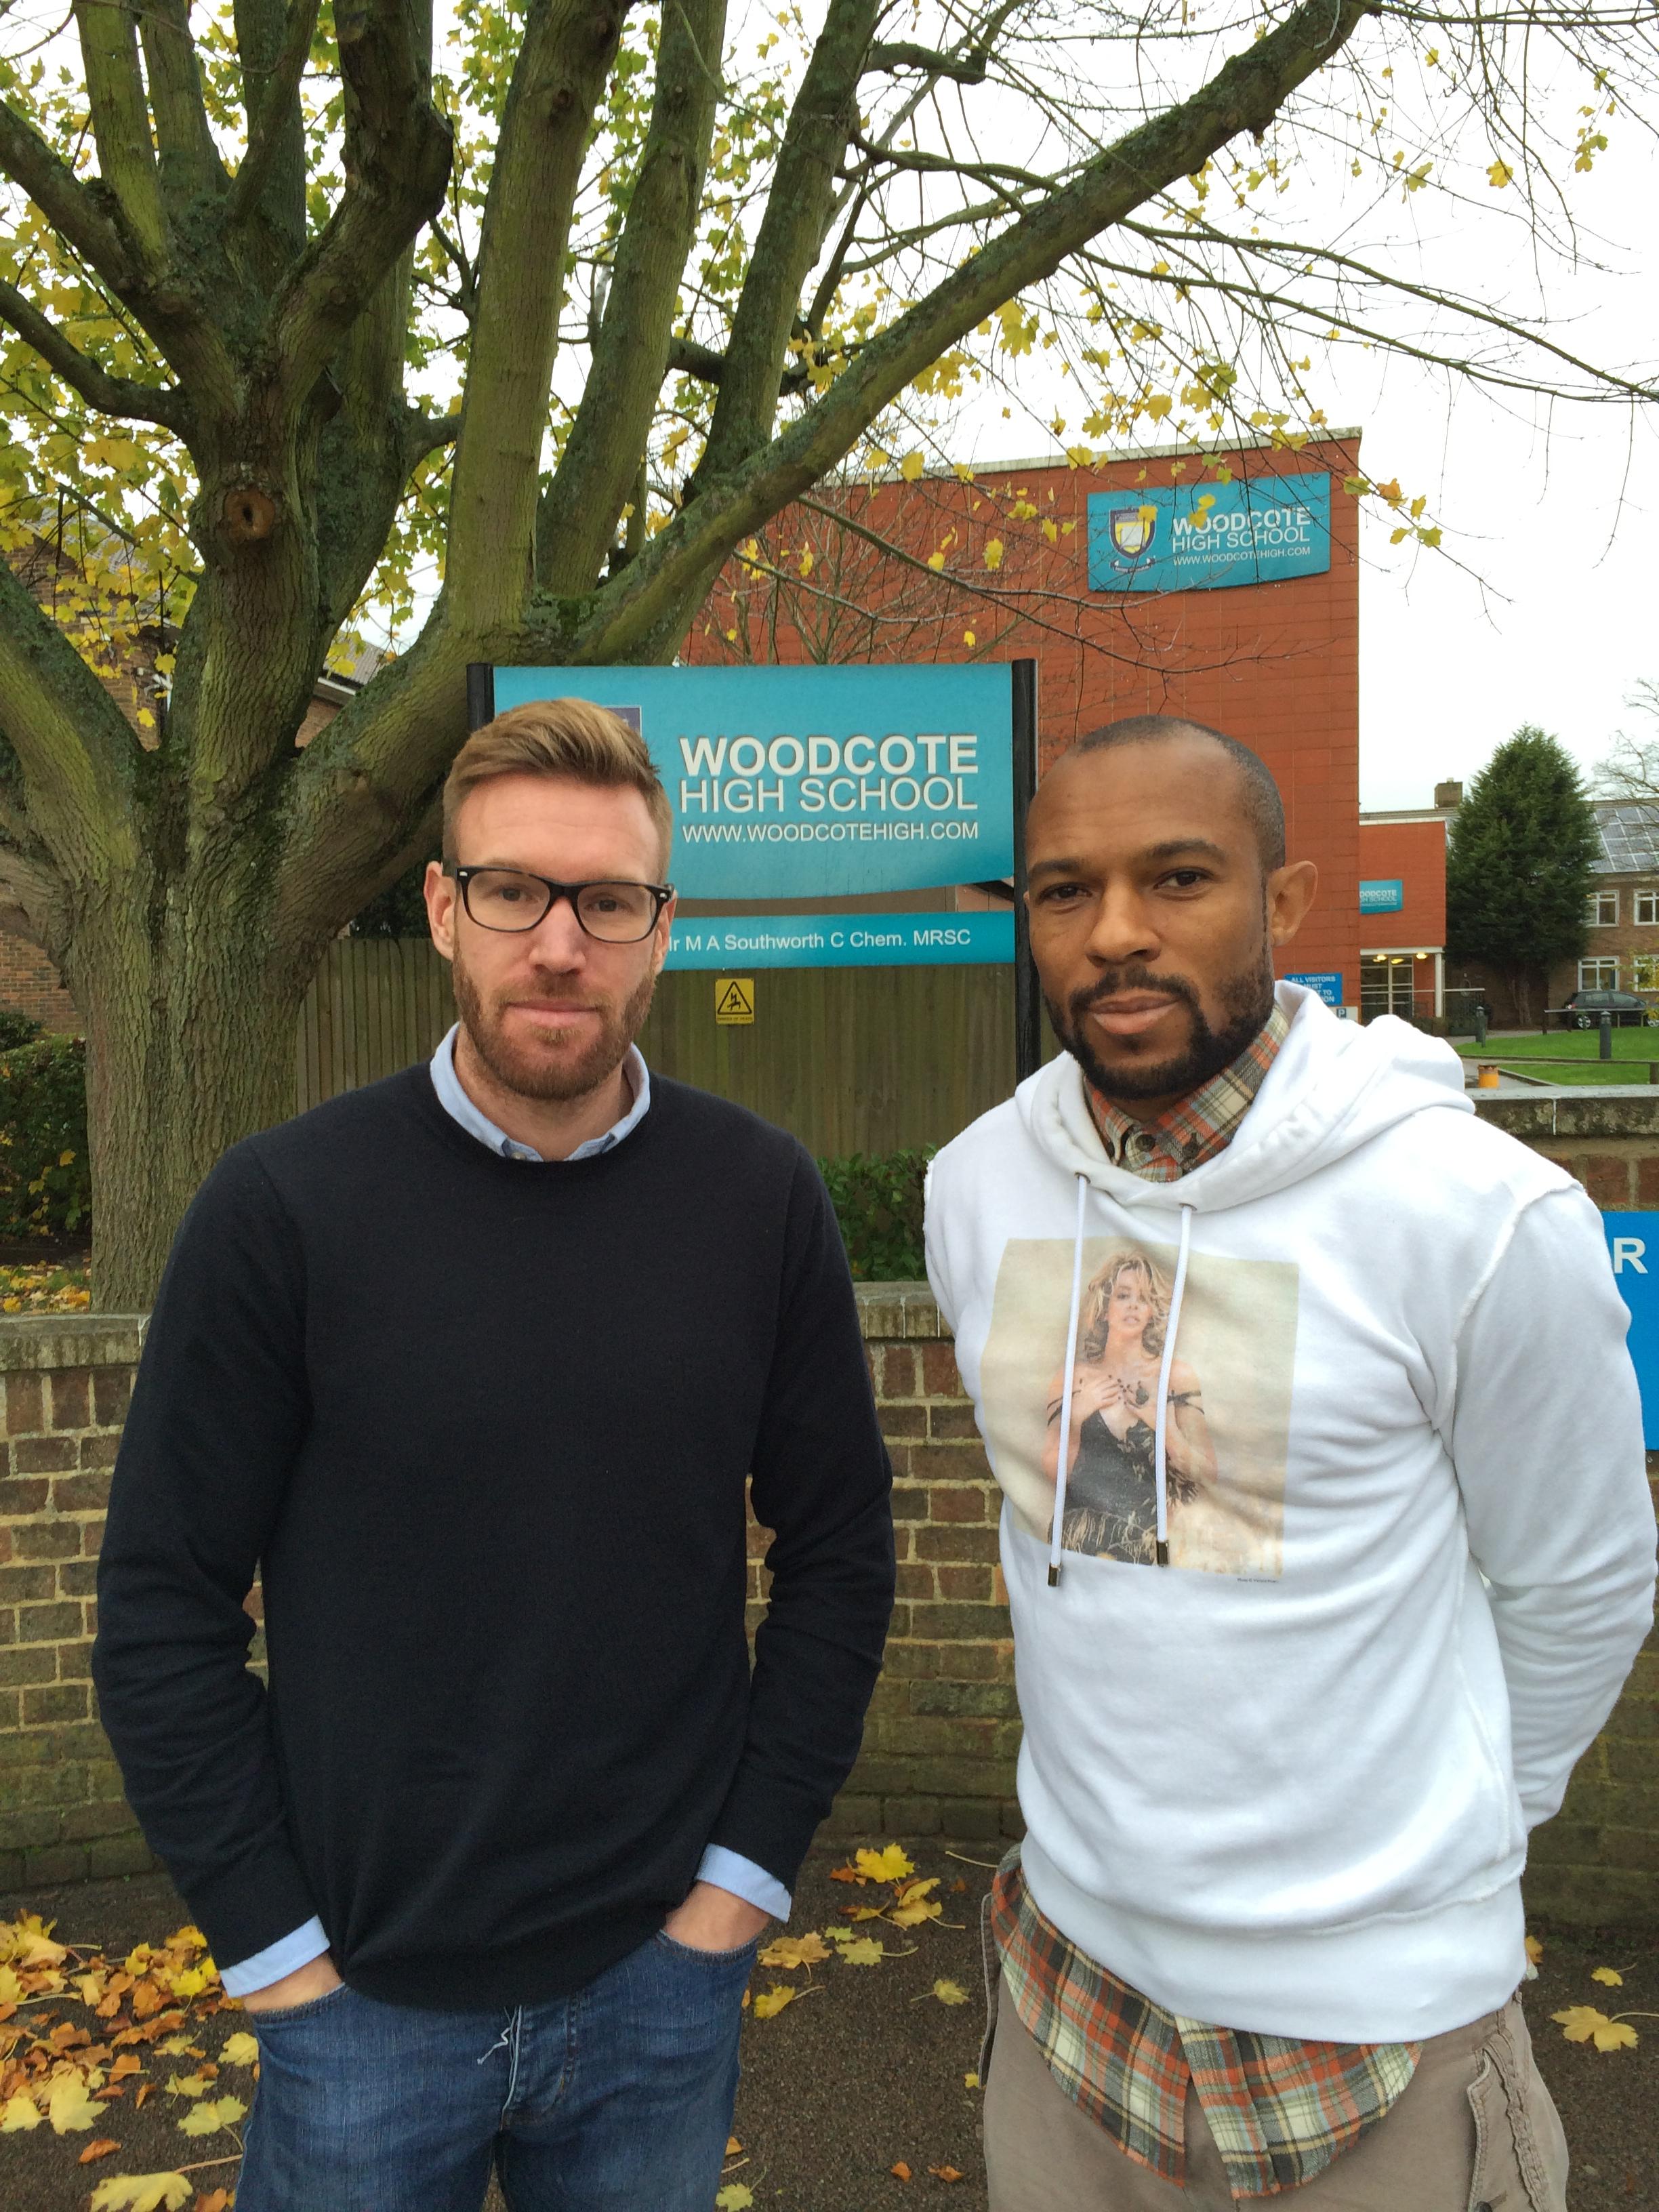 Rhys Weston and Danny Gabbidon pay us a visit at Woodcote HS